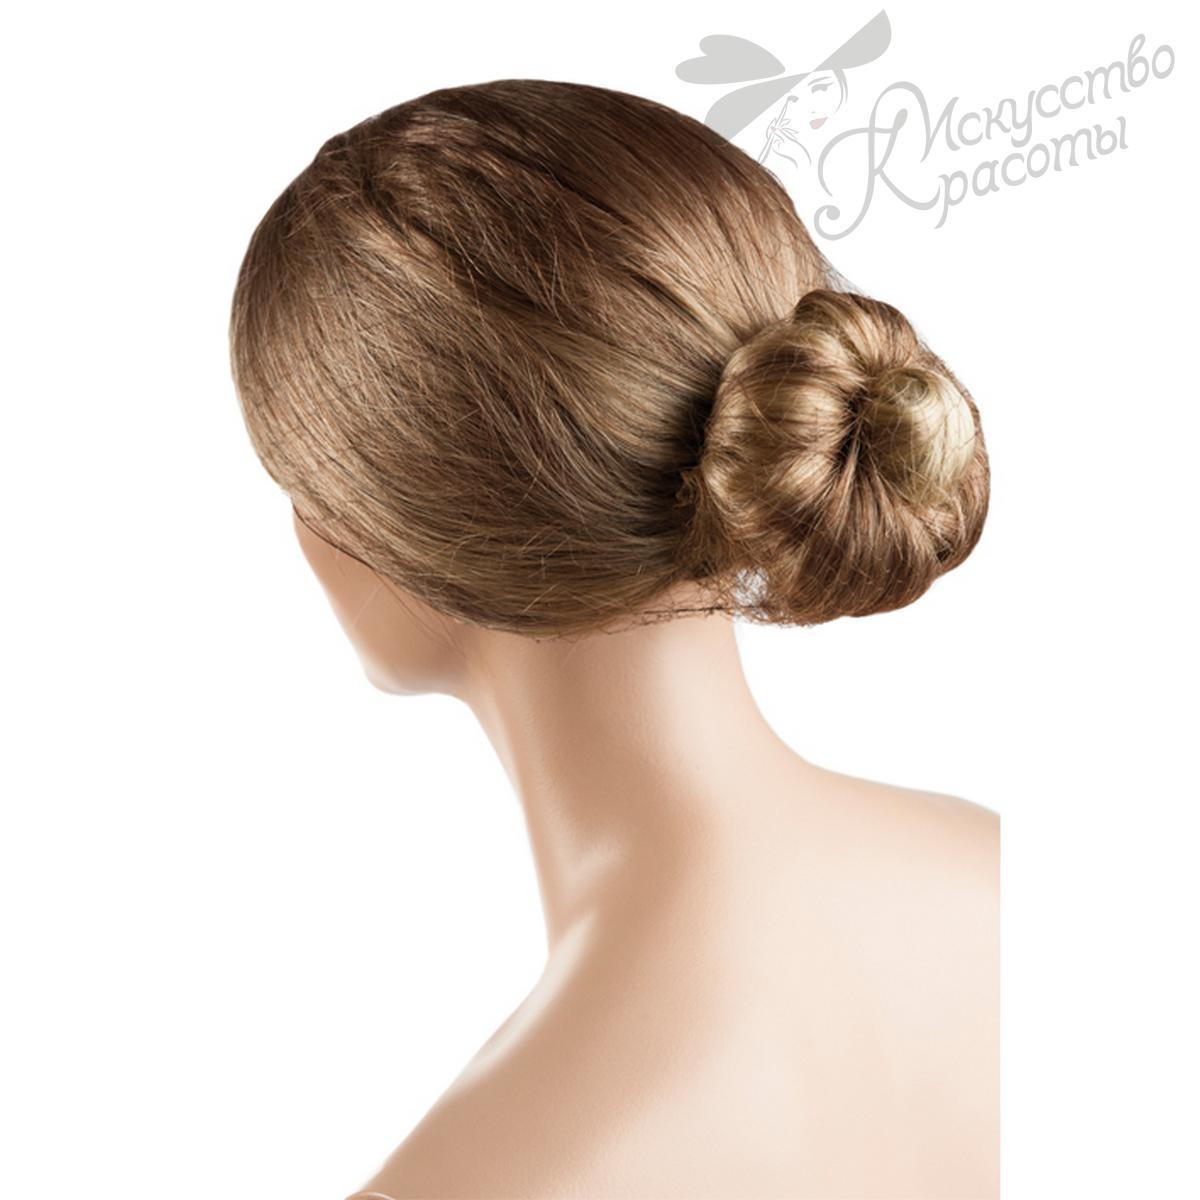 Сеточка для волос темно-коричневый нейлон EUROstil 1 шт